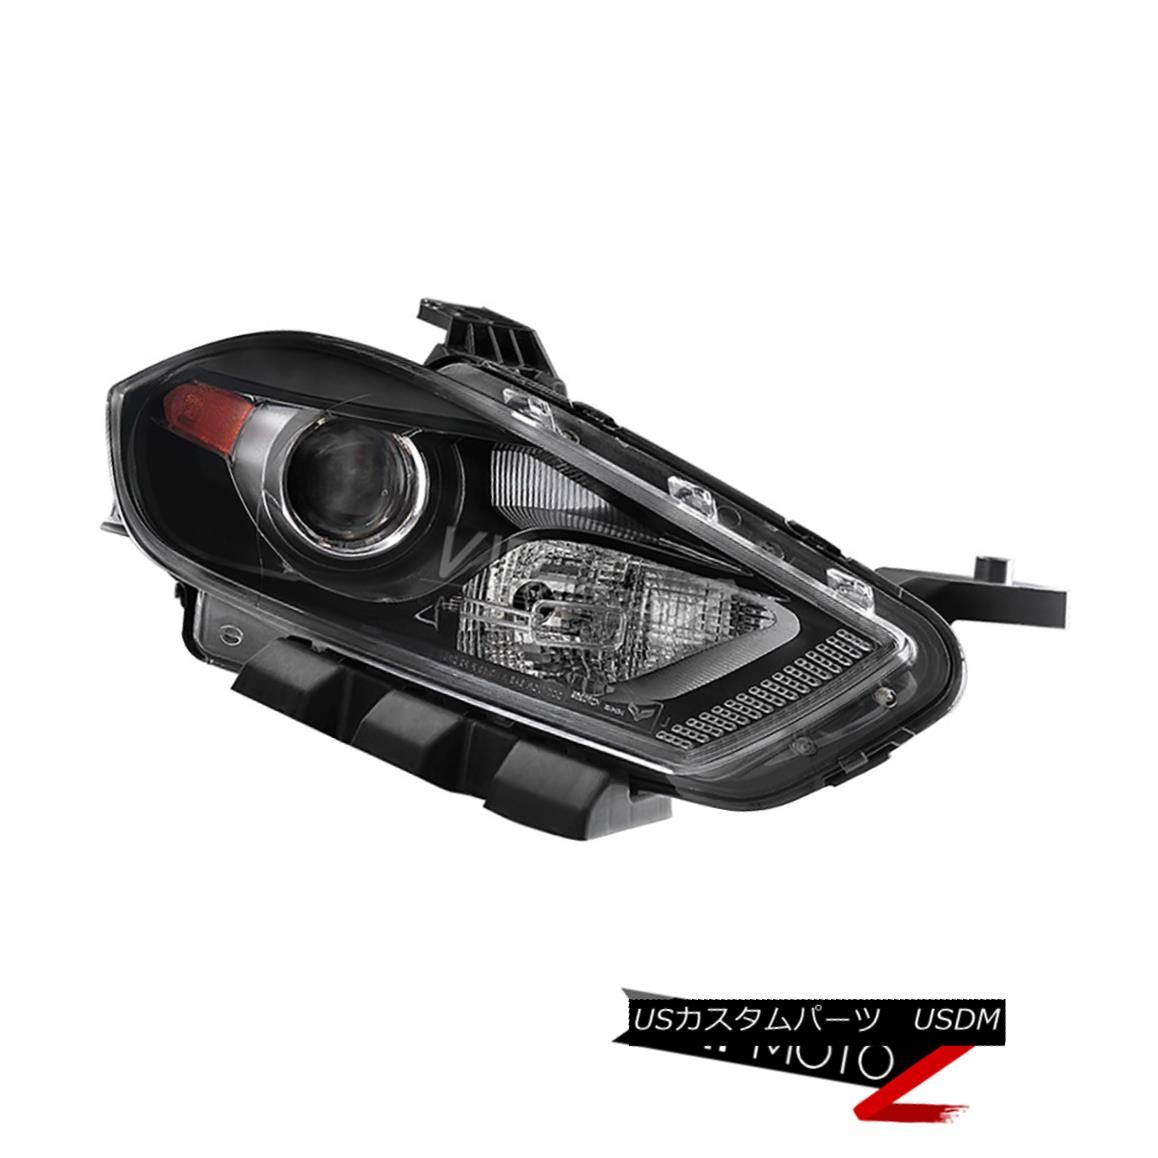 ヘッドライト Dodge Dart 2013-2016 [Xenon] Black Projector Headlamp Passenger Right Headlights Dodge Dart 2013-2016 [キセノン]ブラックプロジェクターヘッドランプ乗客ライトヘッドライト